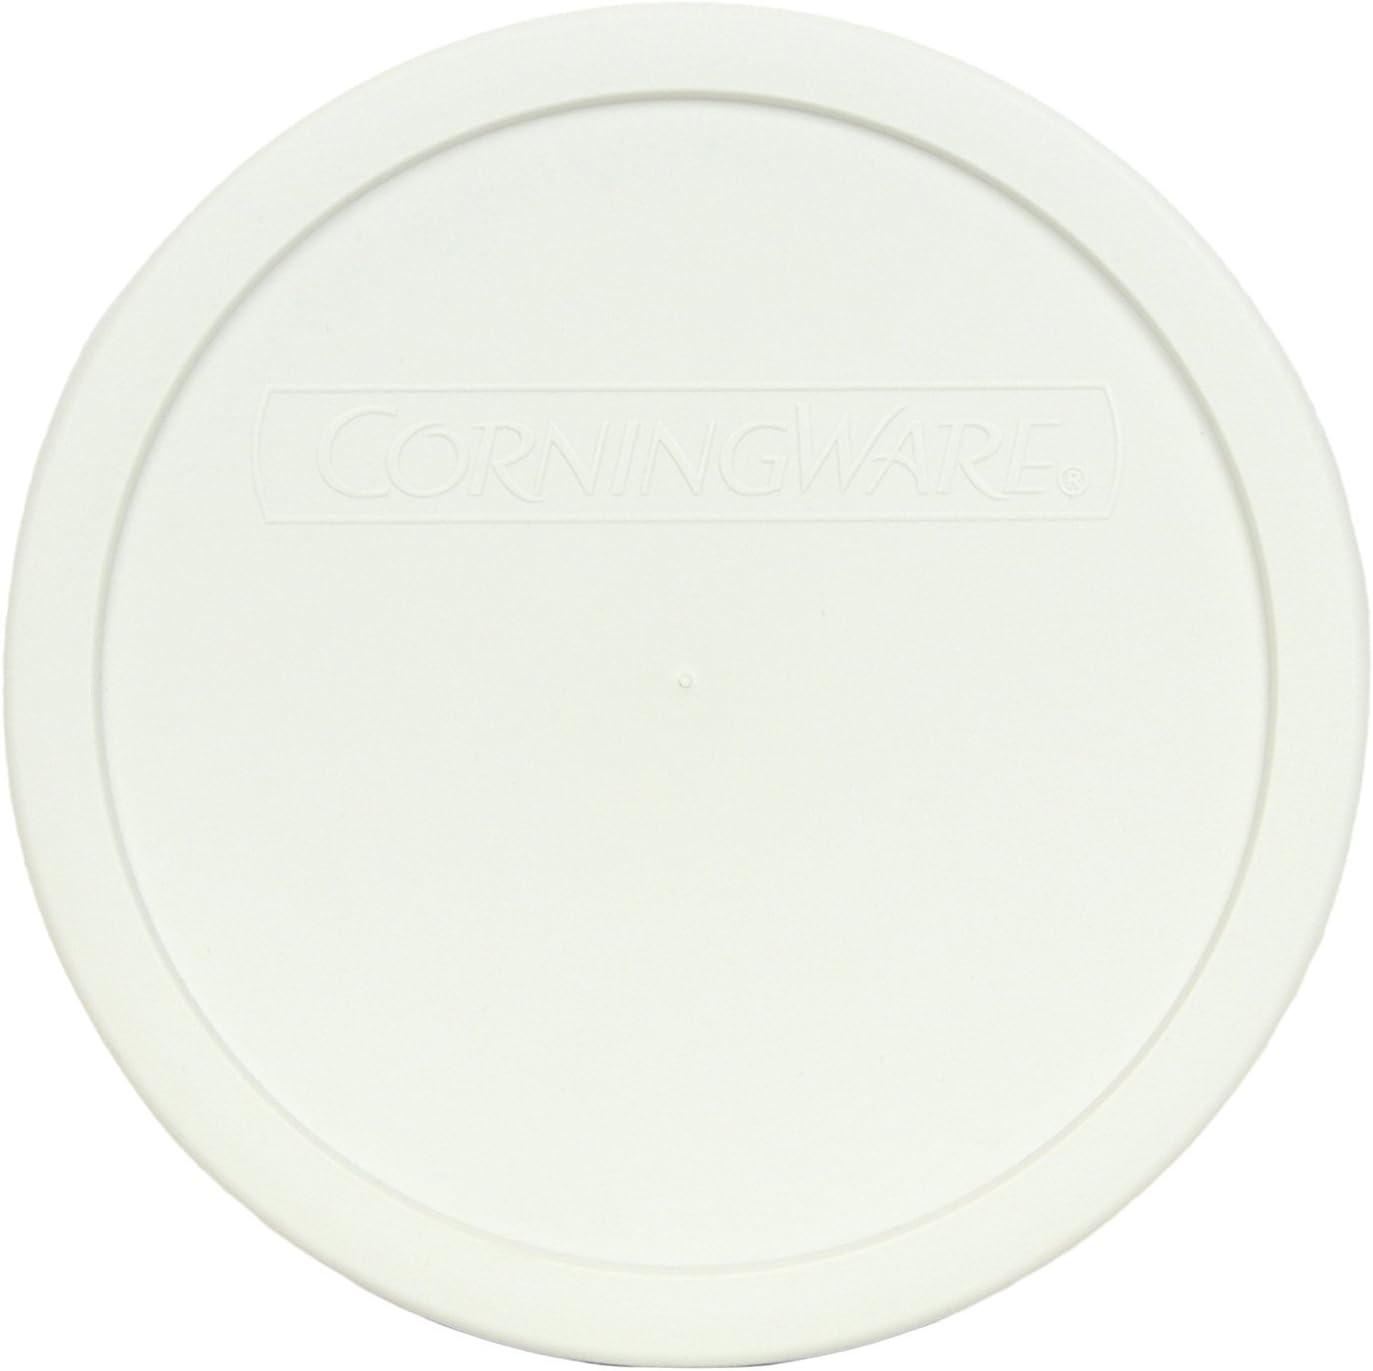 CorningWare F-5-PC French White 1.5qt Round Plastic Cover